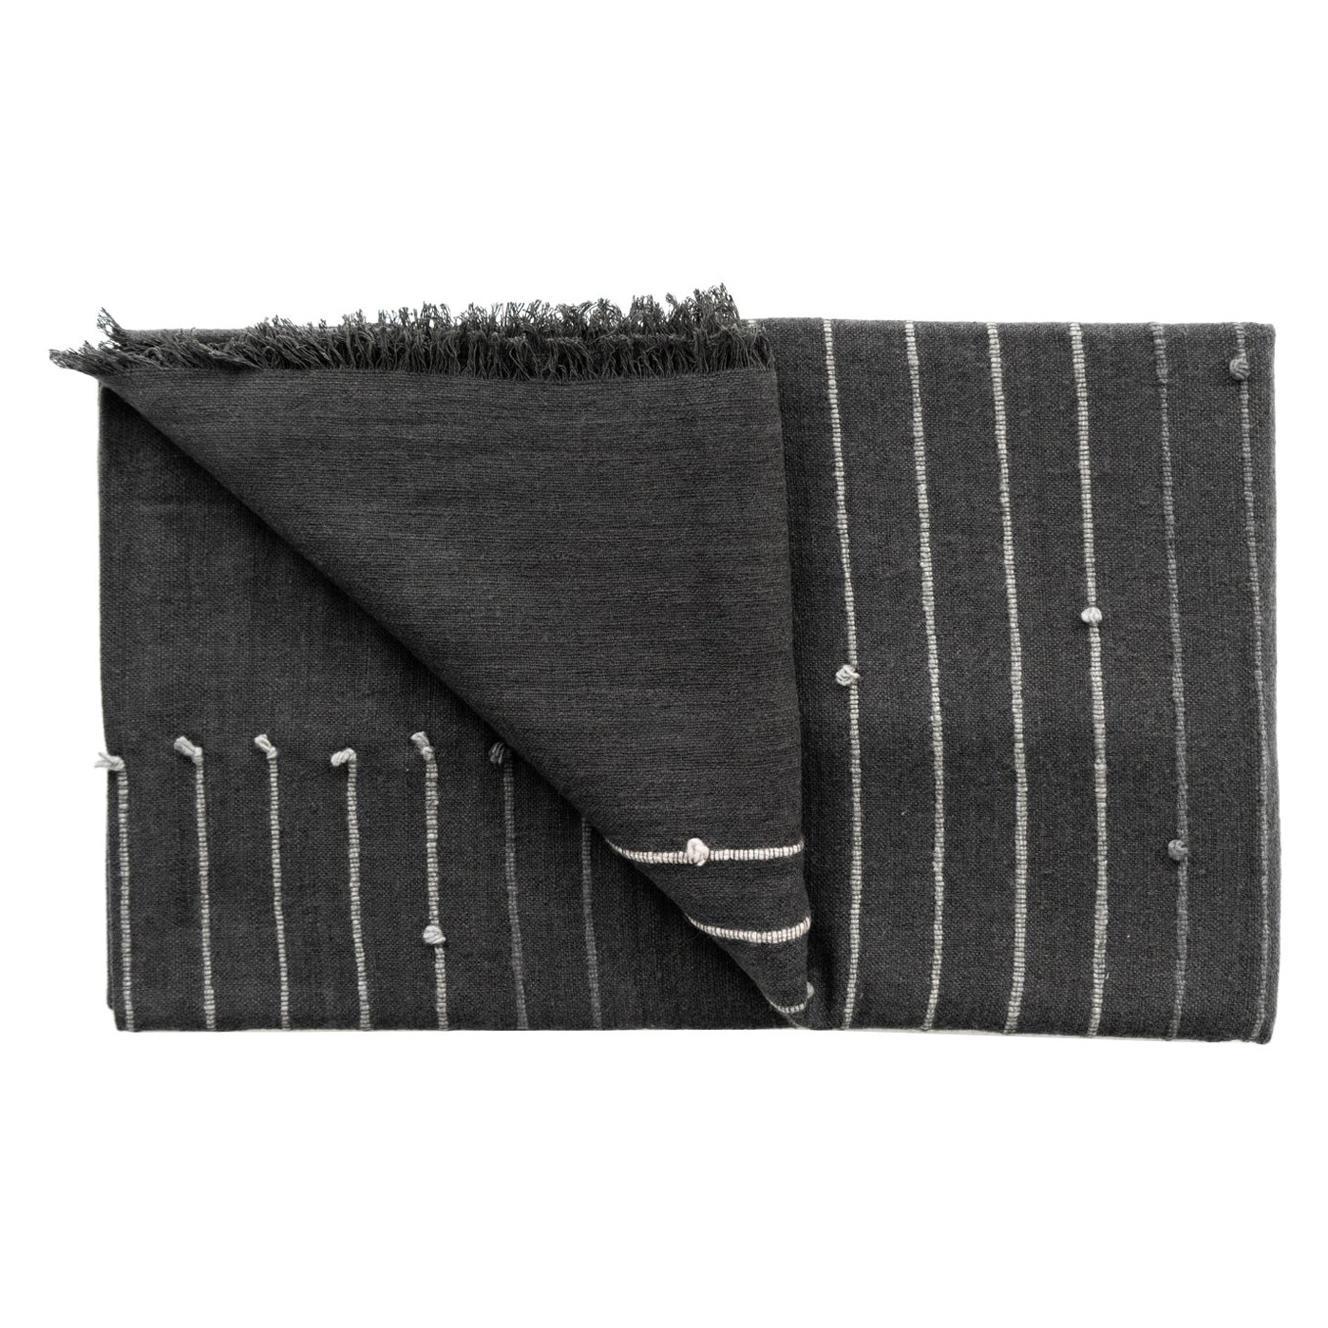 Alei Black & Grey Queen Size Handloom Bedspread / Coverlet in Stripes Pattern